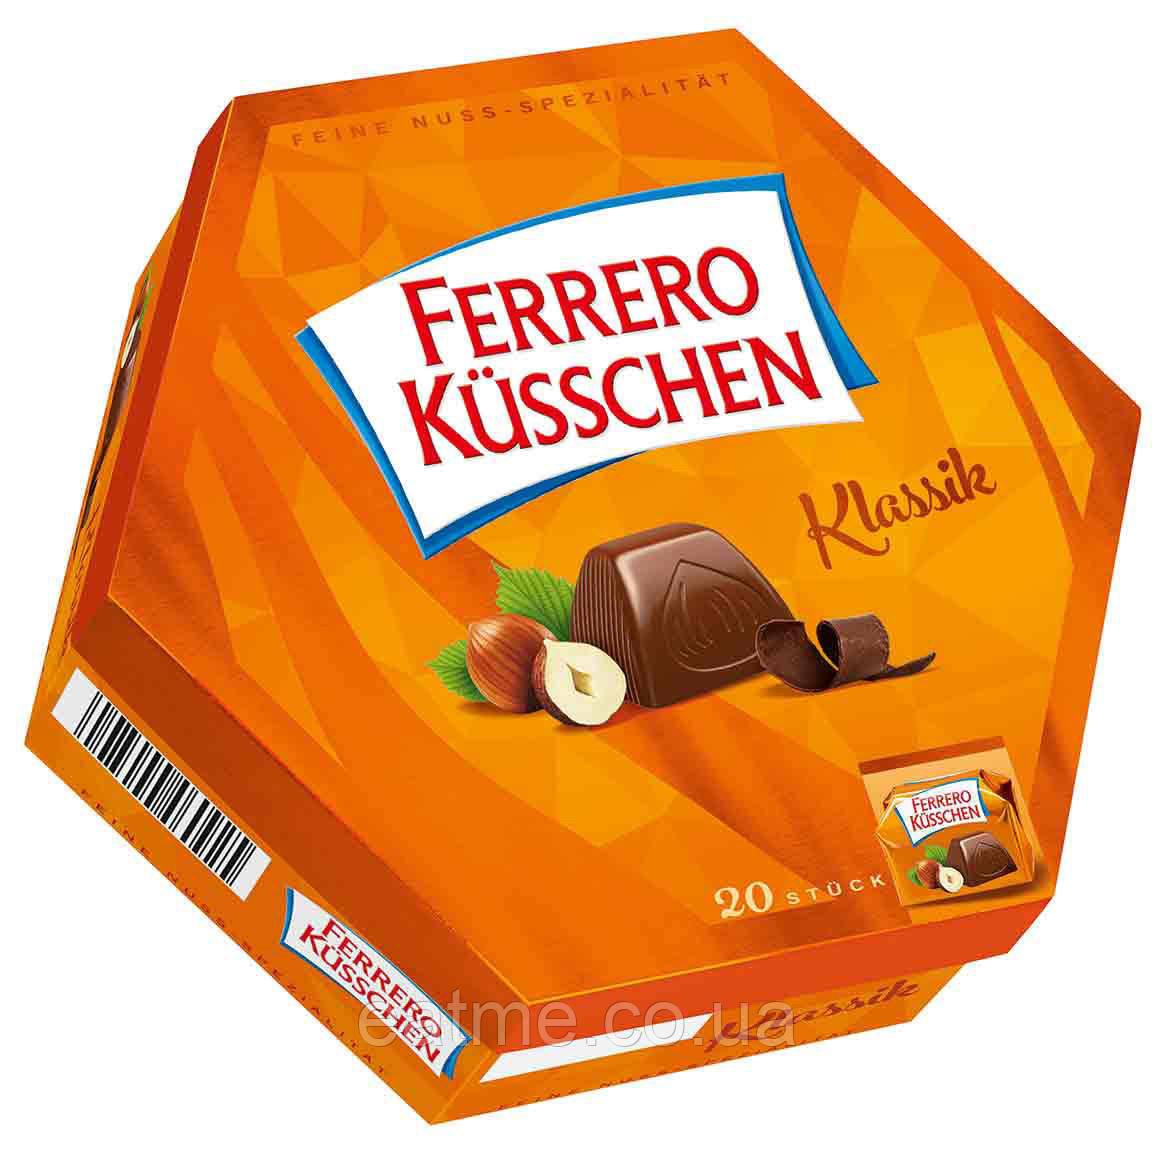 Ferrero Küsschen Klassic  шоколадные конфеты с фундуком